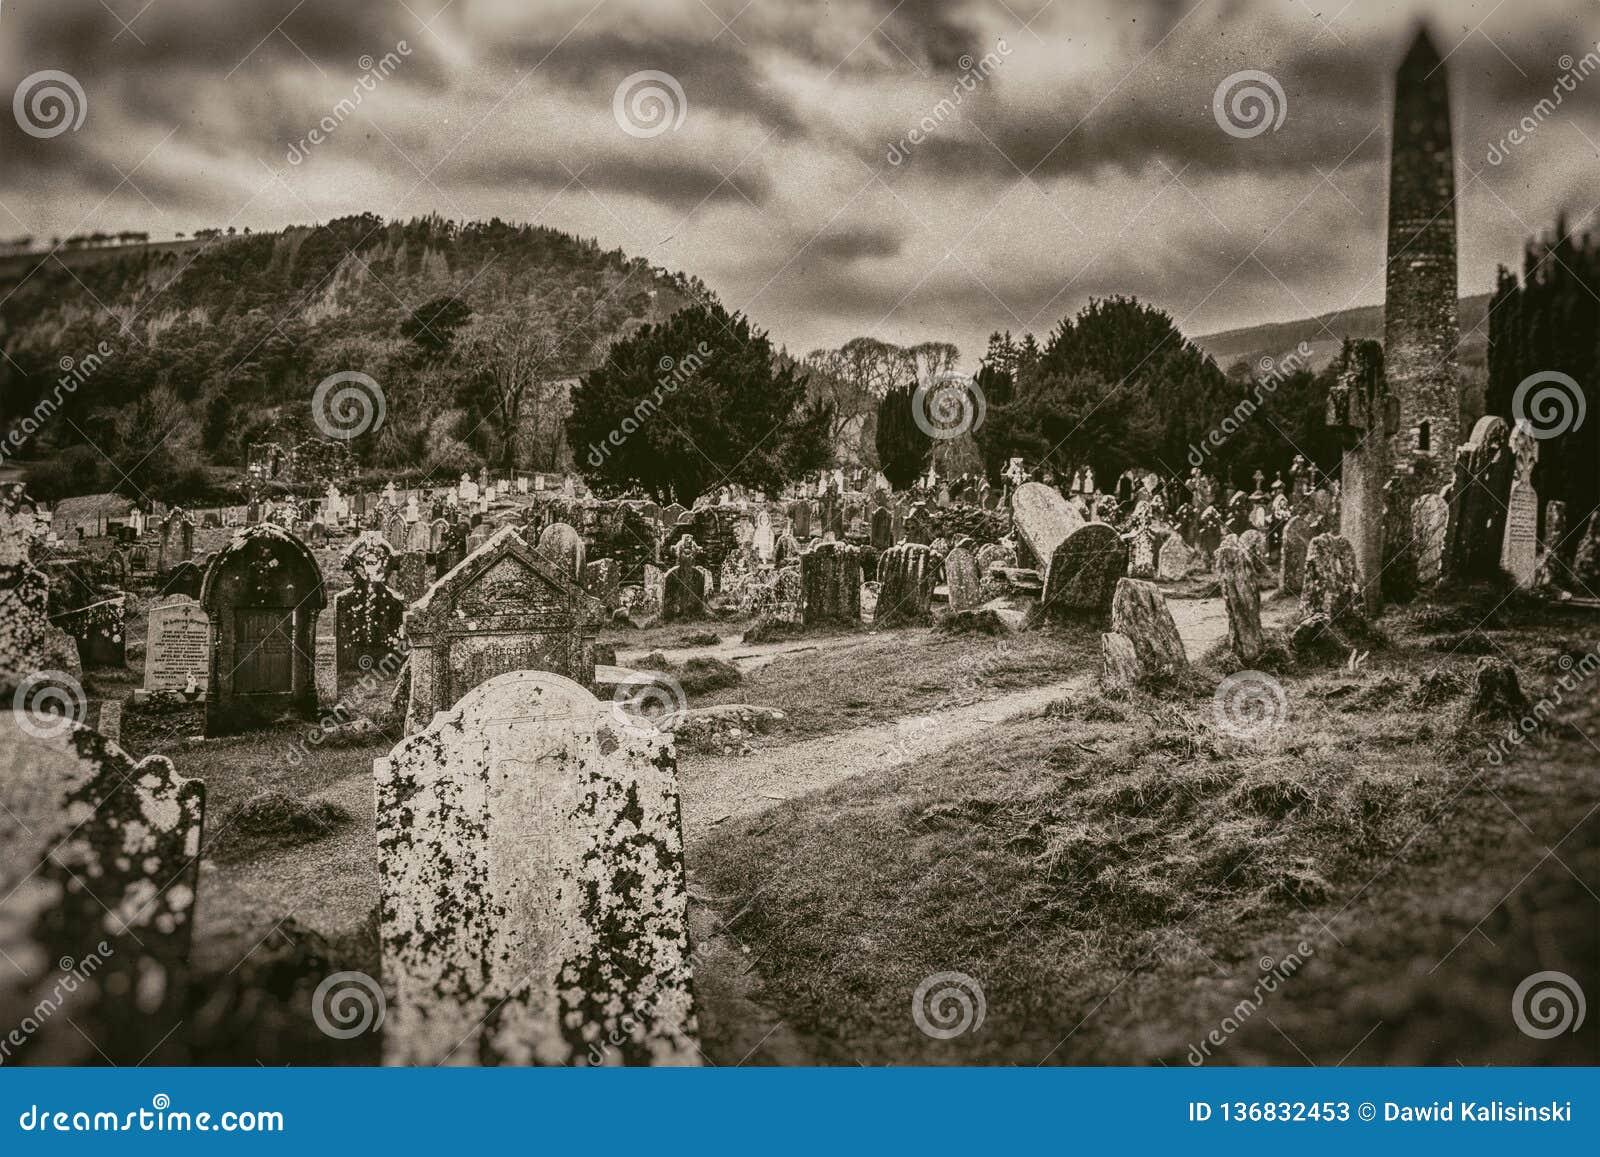 Oude oude Keltische begraafplaats en grafstenen hoge toren op berg en stormachtige hemelachtergrond in sepia stijl